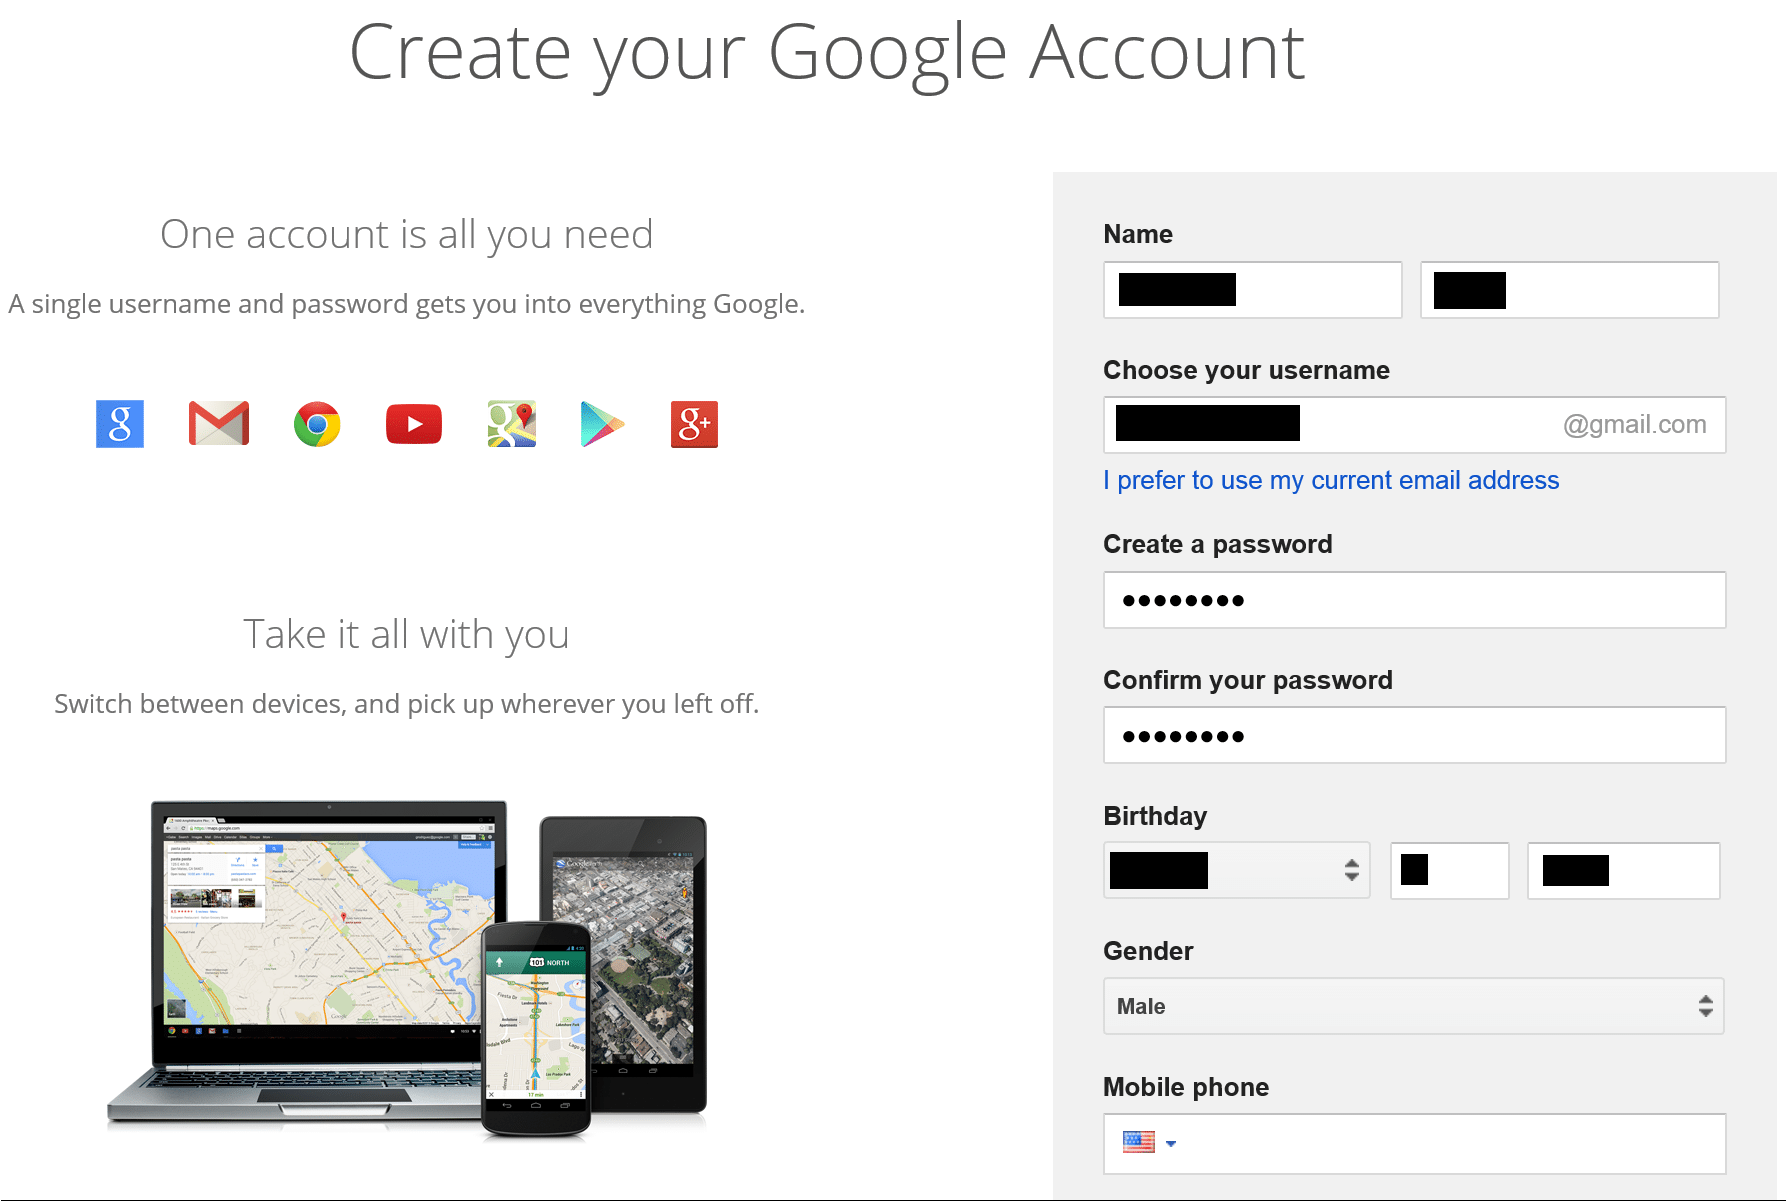 Создать аккаунт - Google Accounts 24